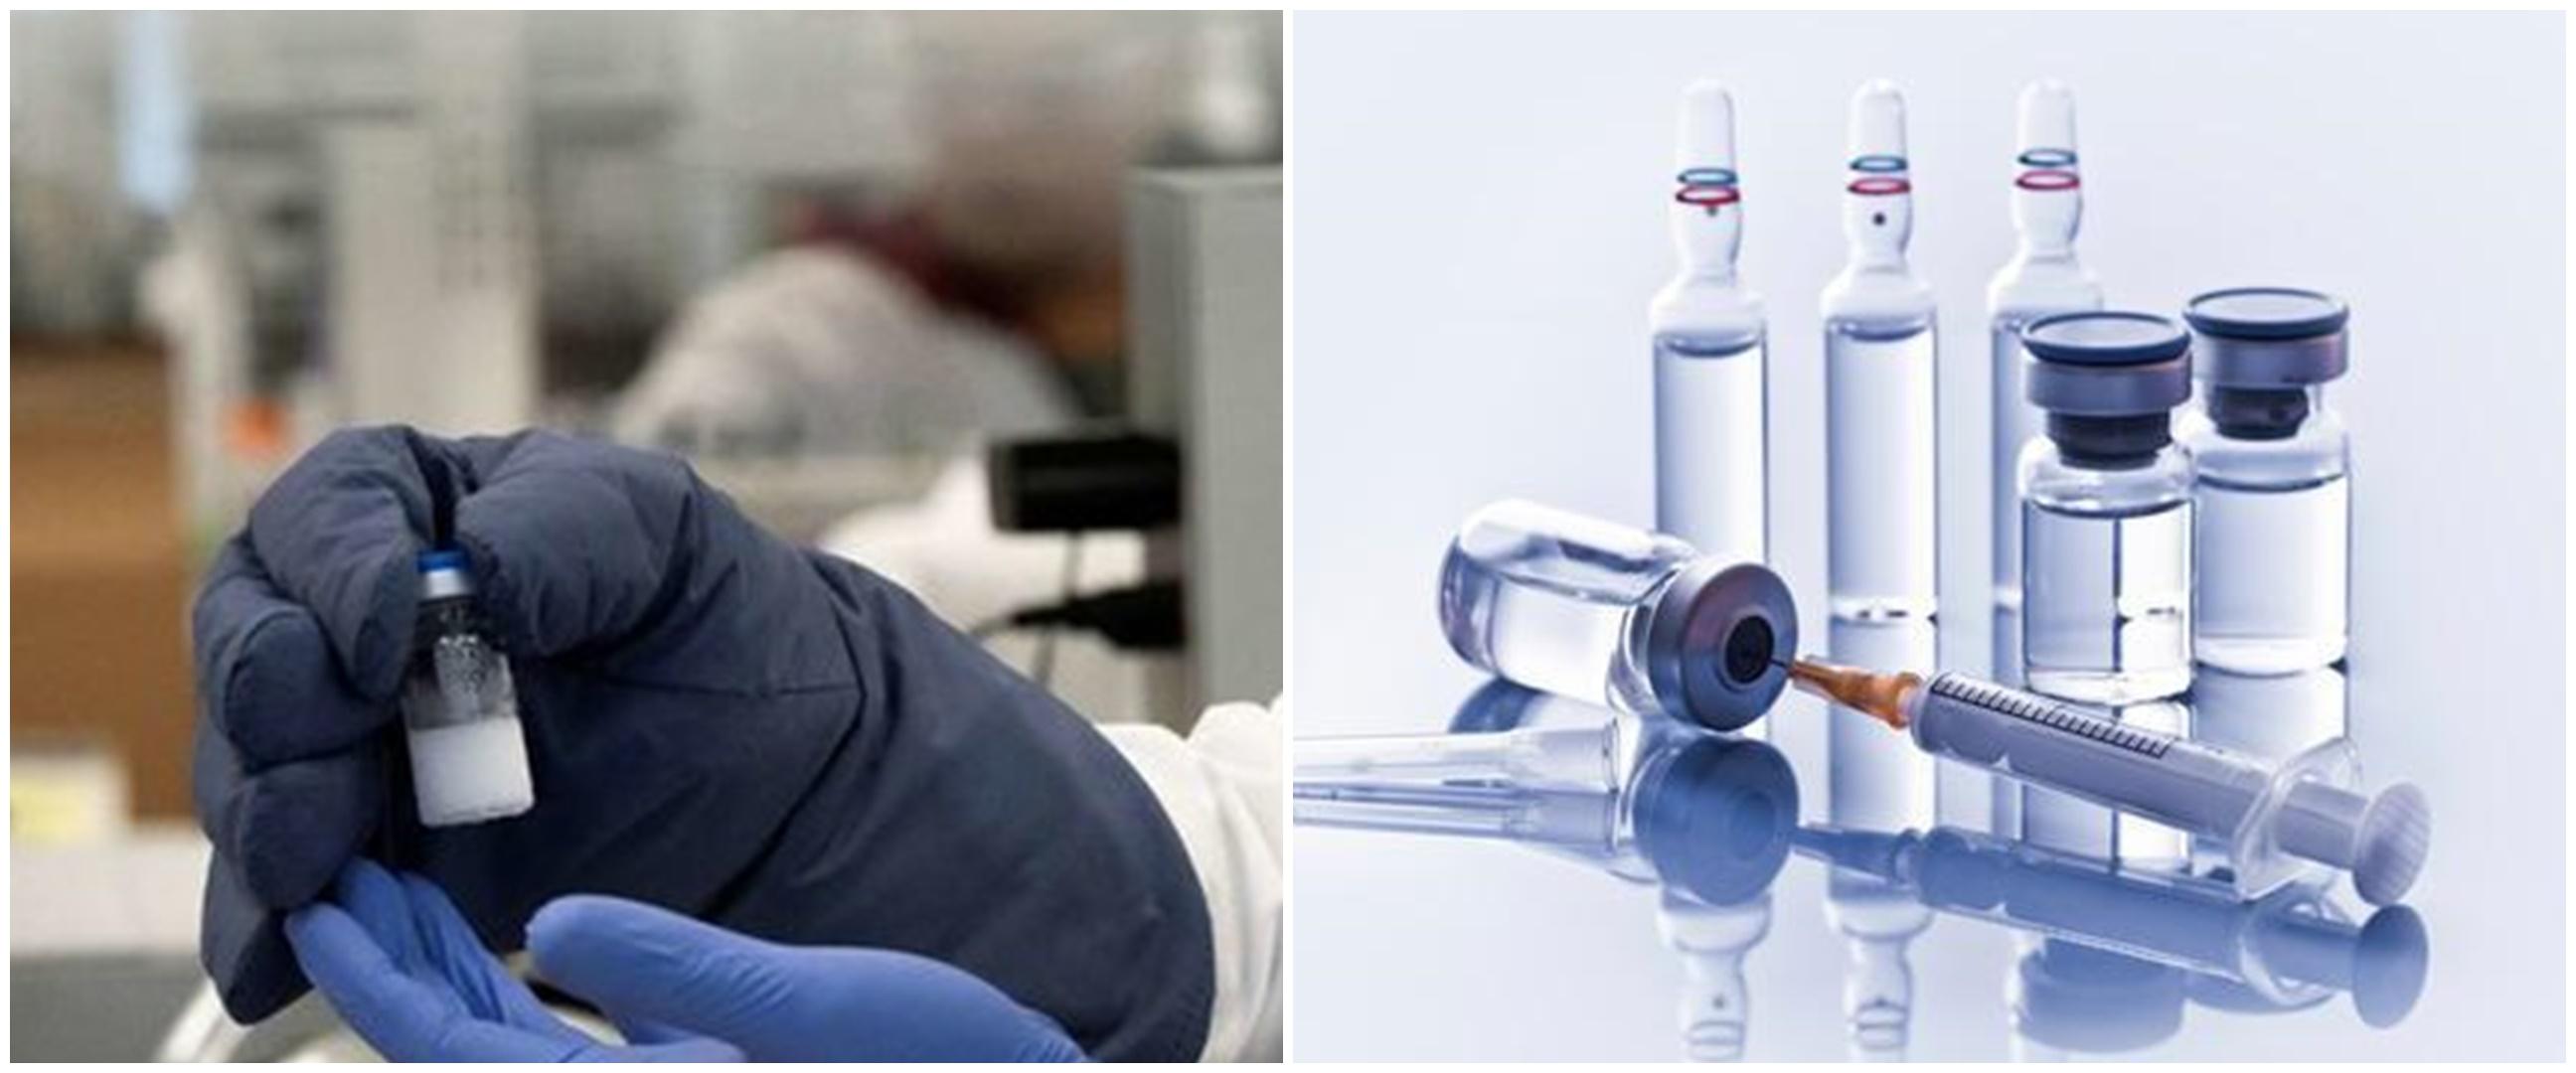 WHO tetapkan 3 kelompok yang diprioritaskan dapat vaksin corona